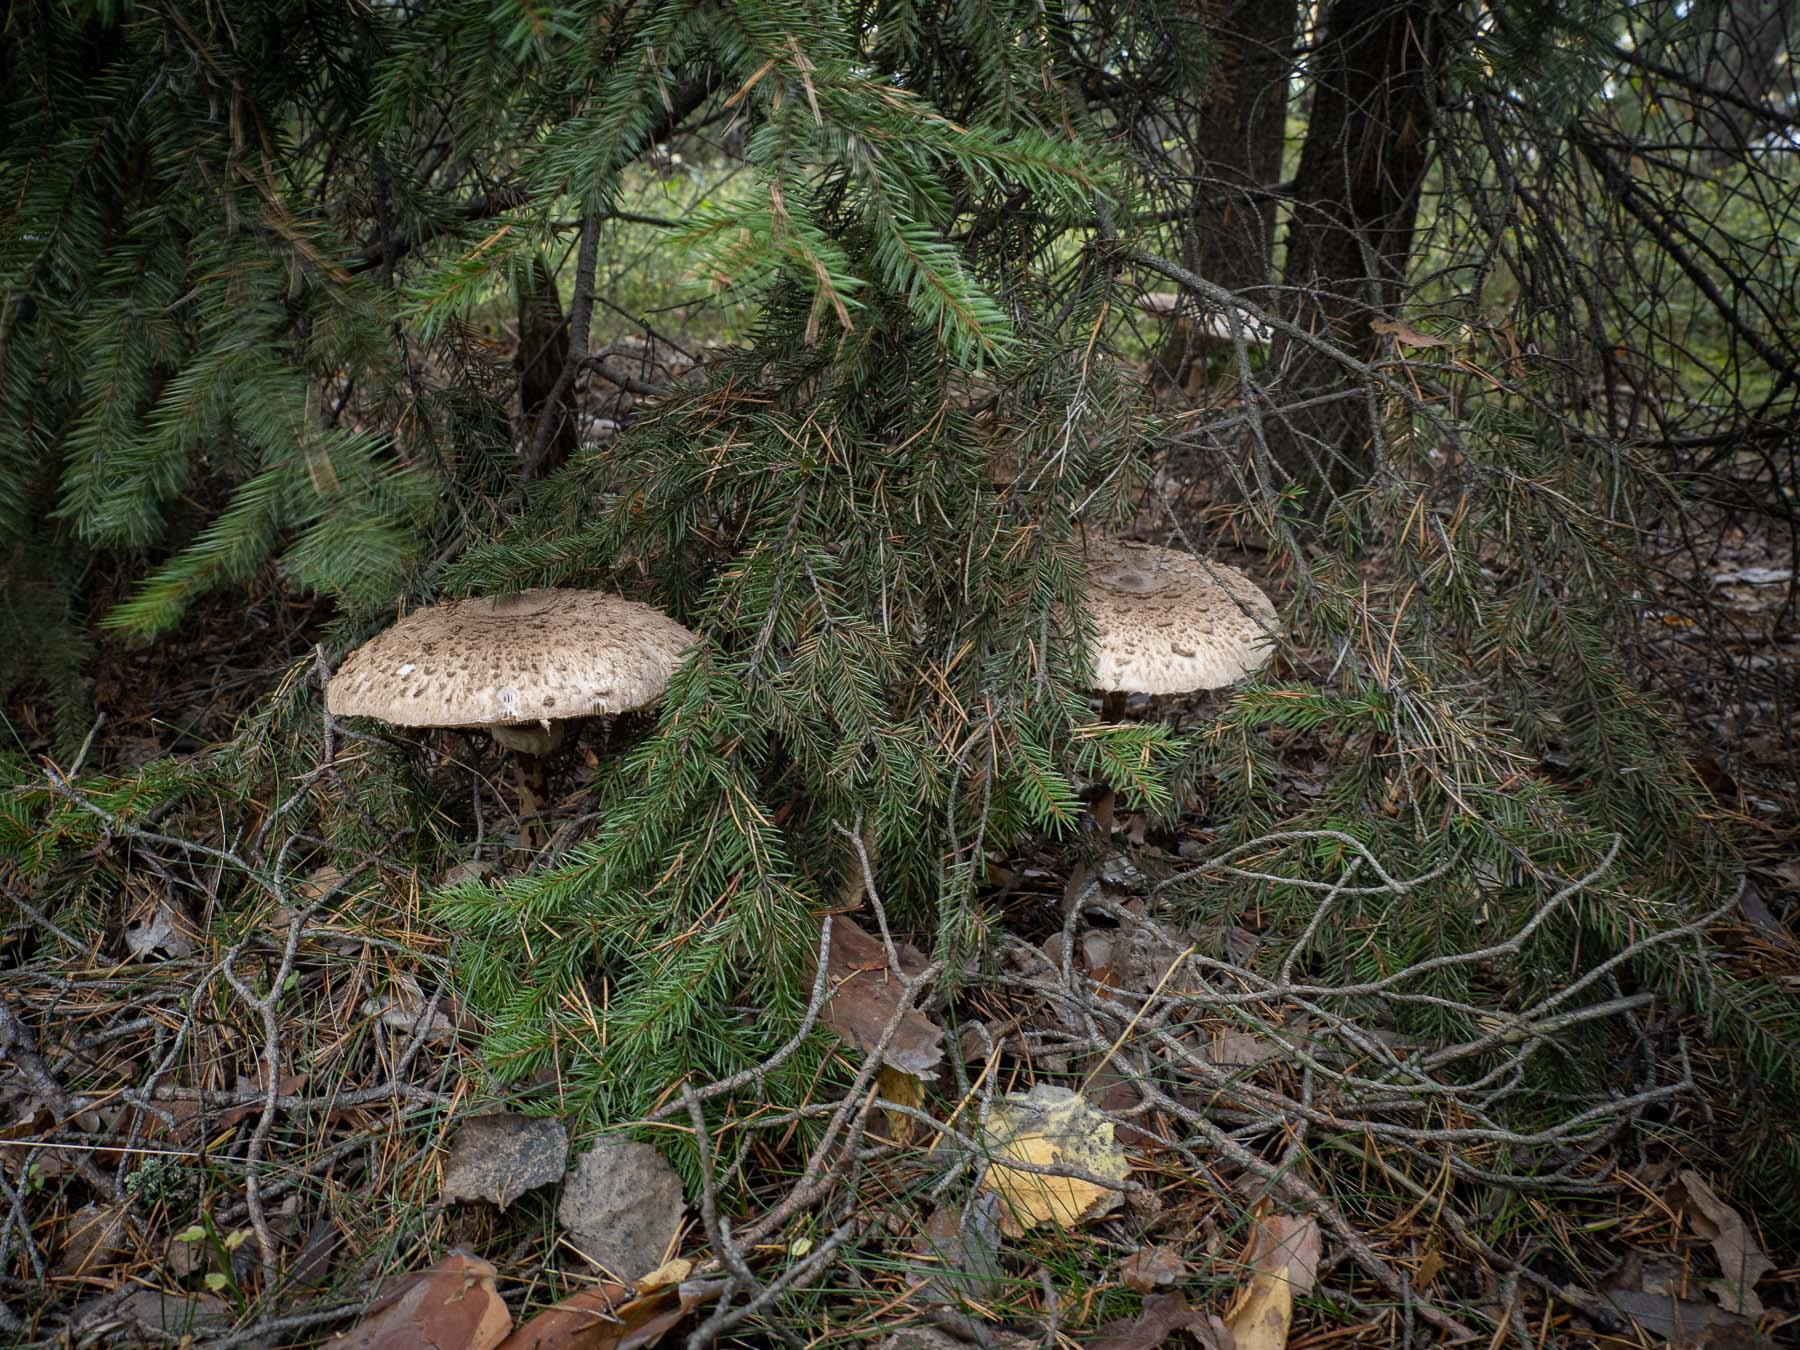 Гриб-зонтик высокий (Macrolepiota procera) в природном парке Görväln, Стокгольм. октябрь 2020 года. Автор фото: Сутормина Марина